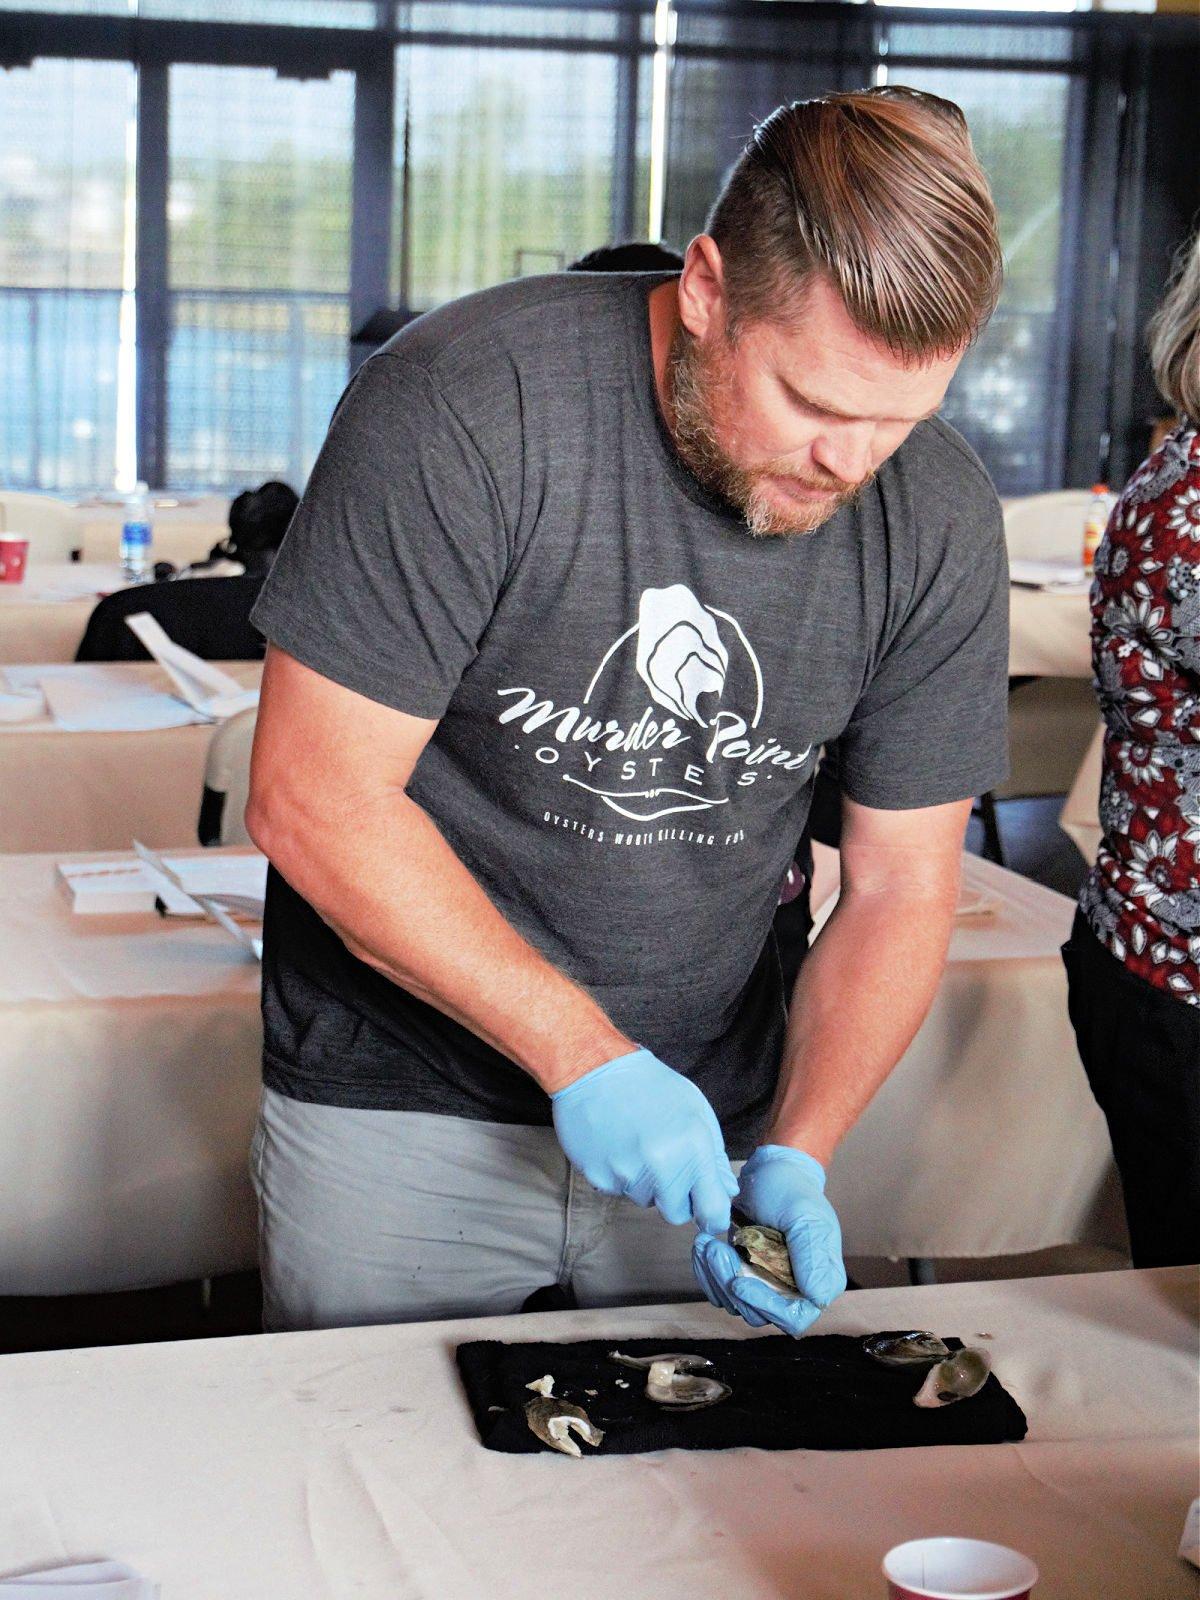 Man wearing a gray shirt shucking oysters.